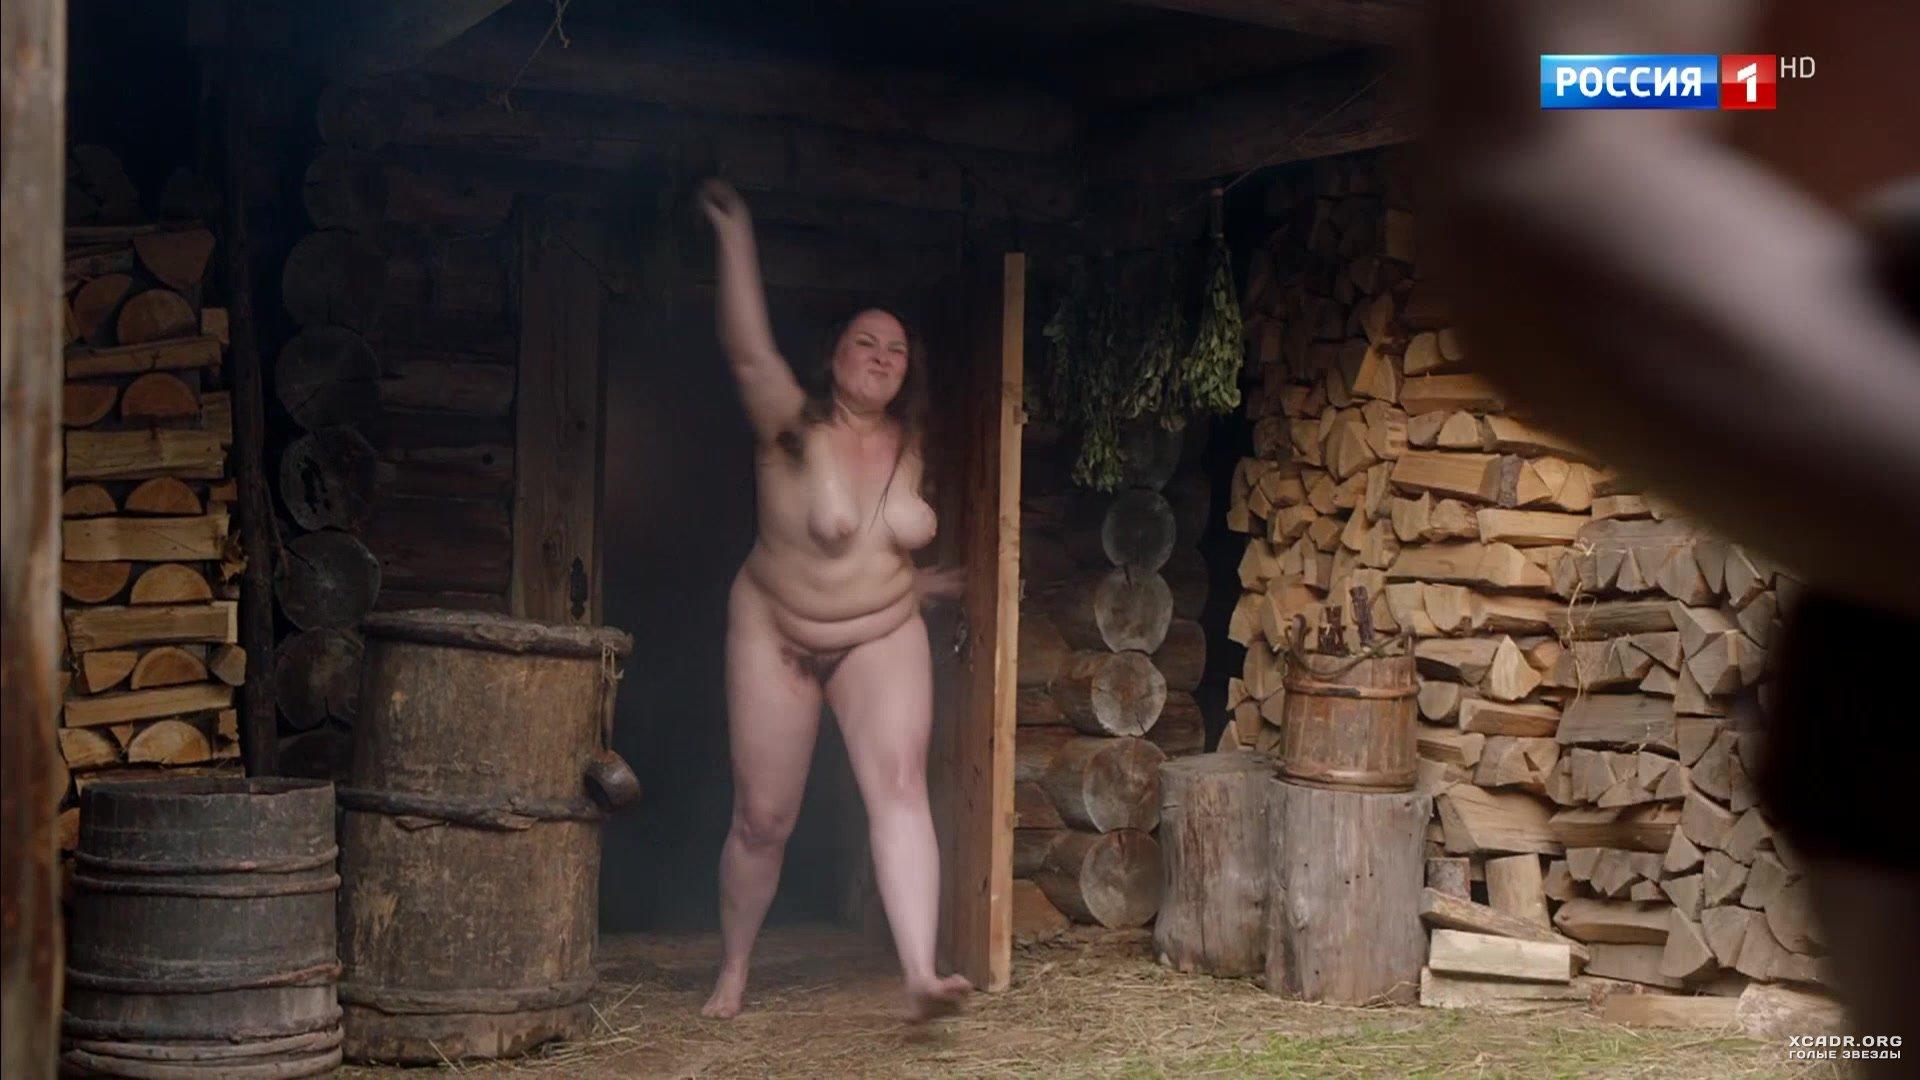 наших бывших эротическая сцена в бане в старом фильме терпелось вернуться